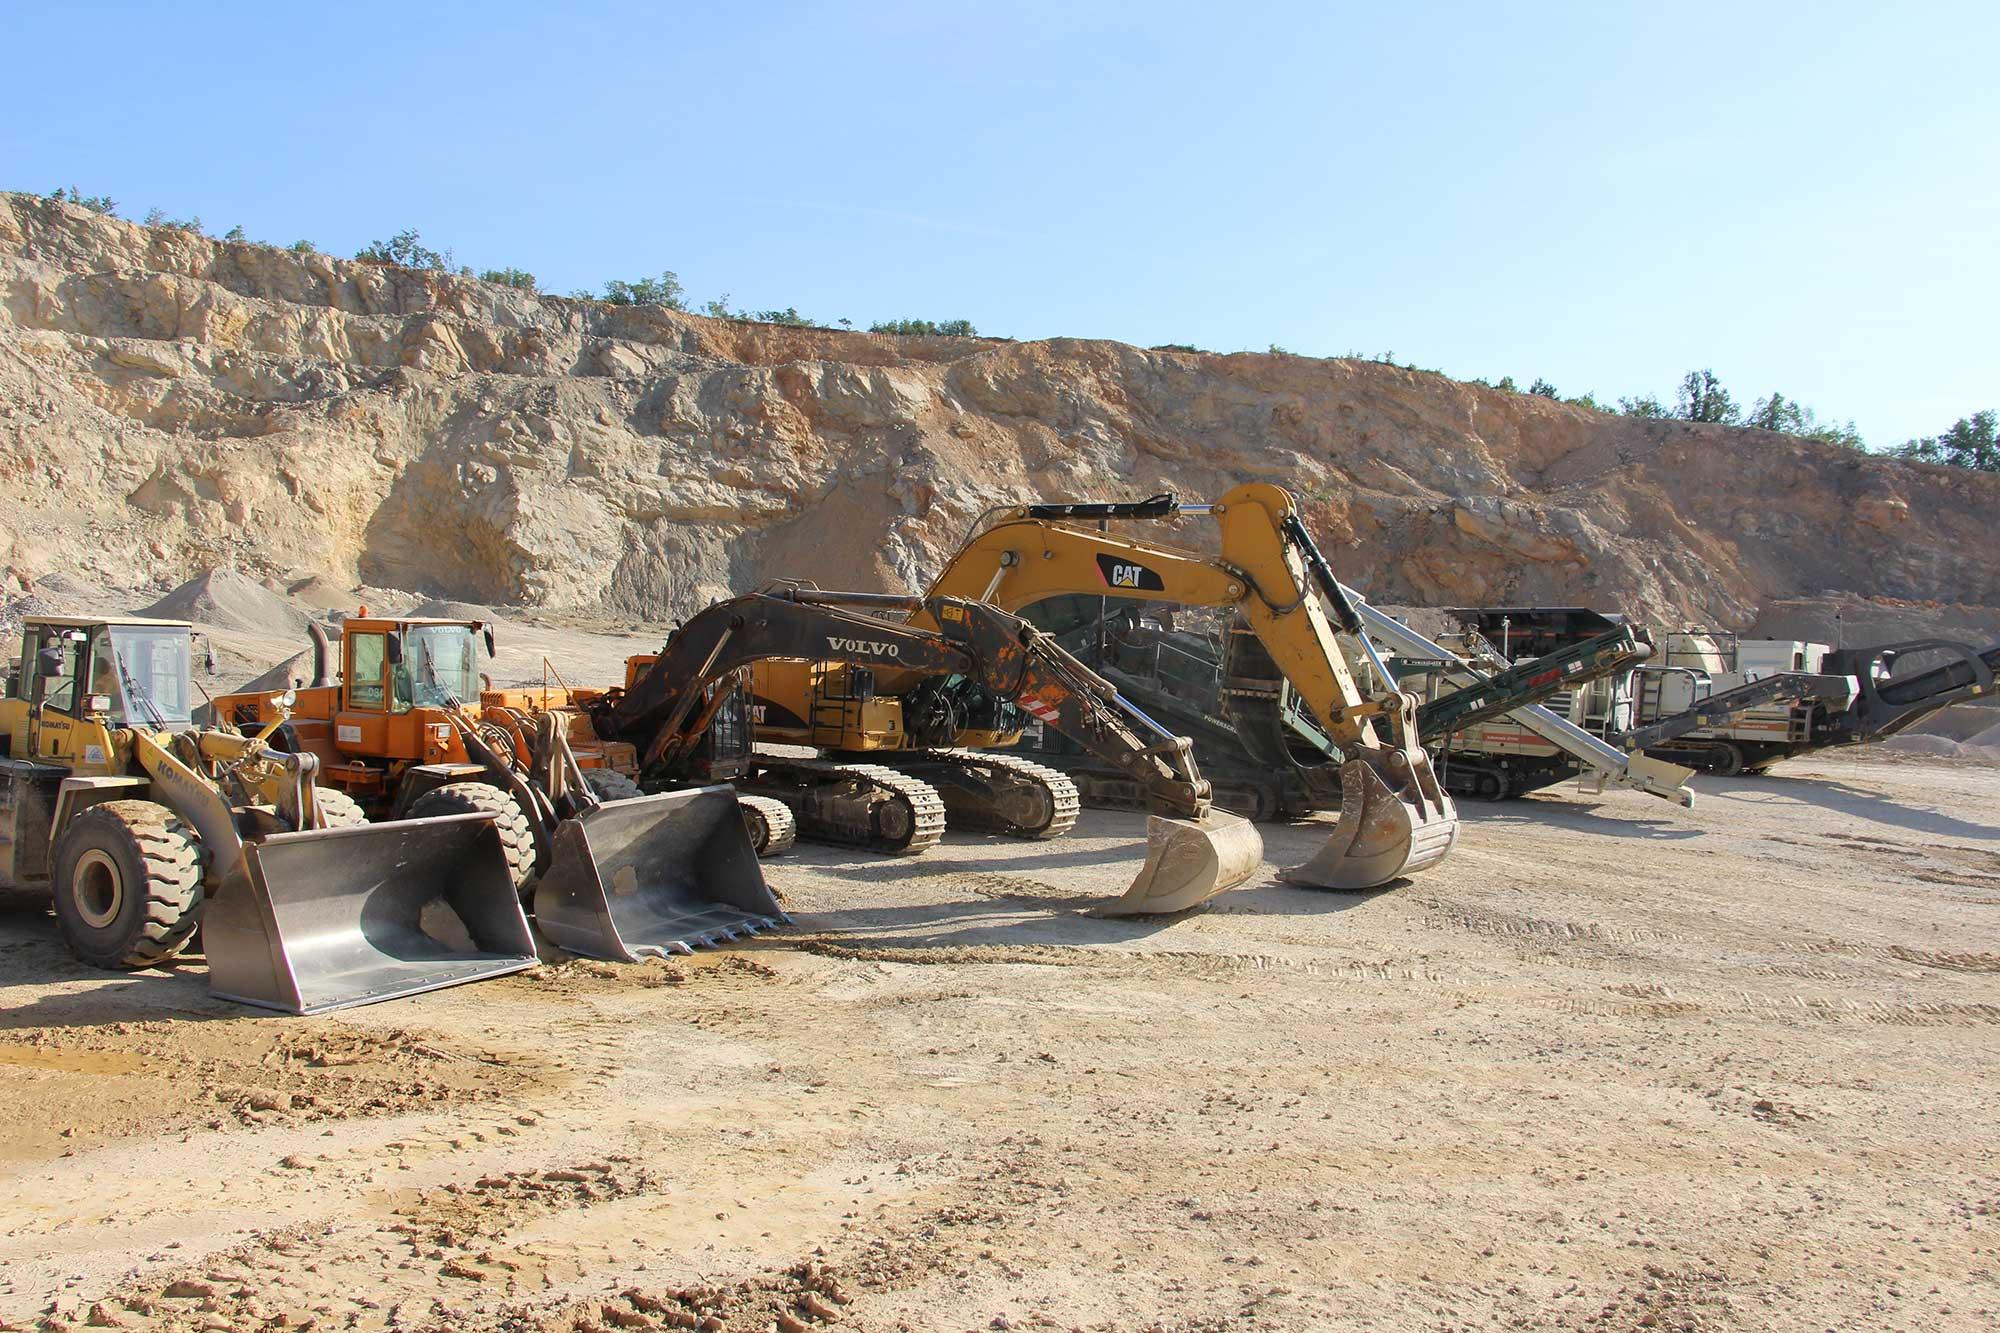 Kamen i pesak doo masine na kamenolomu